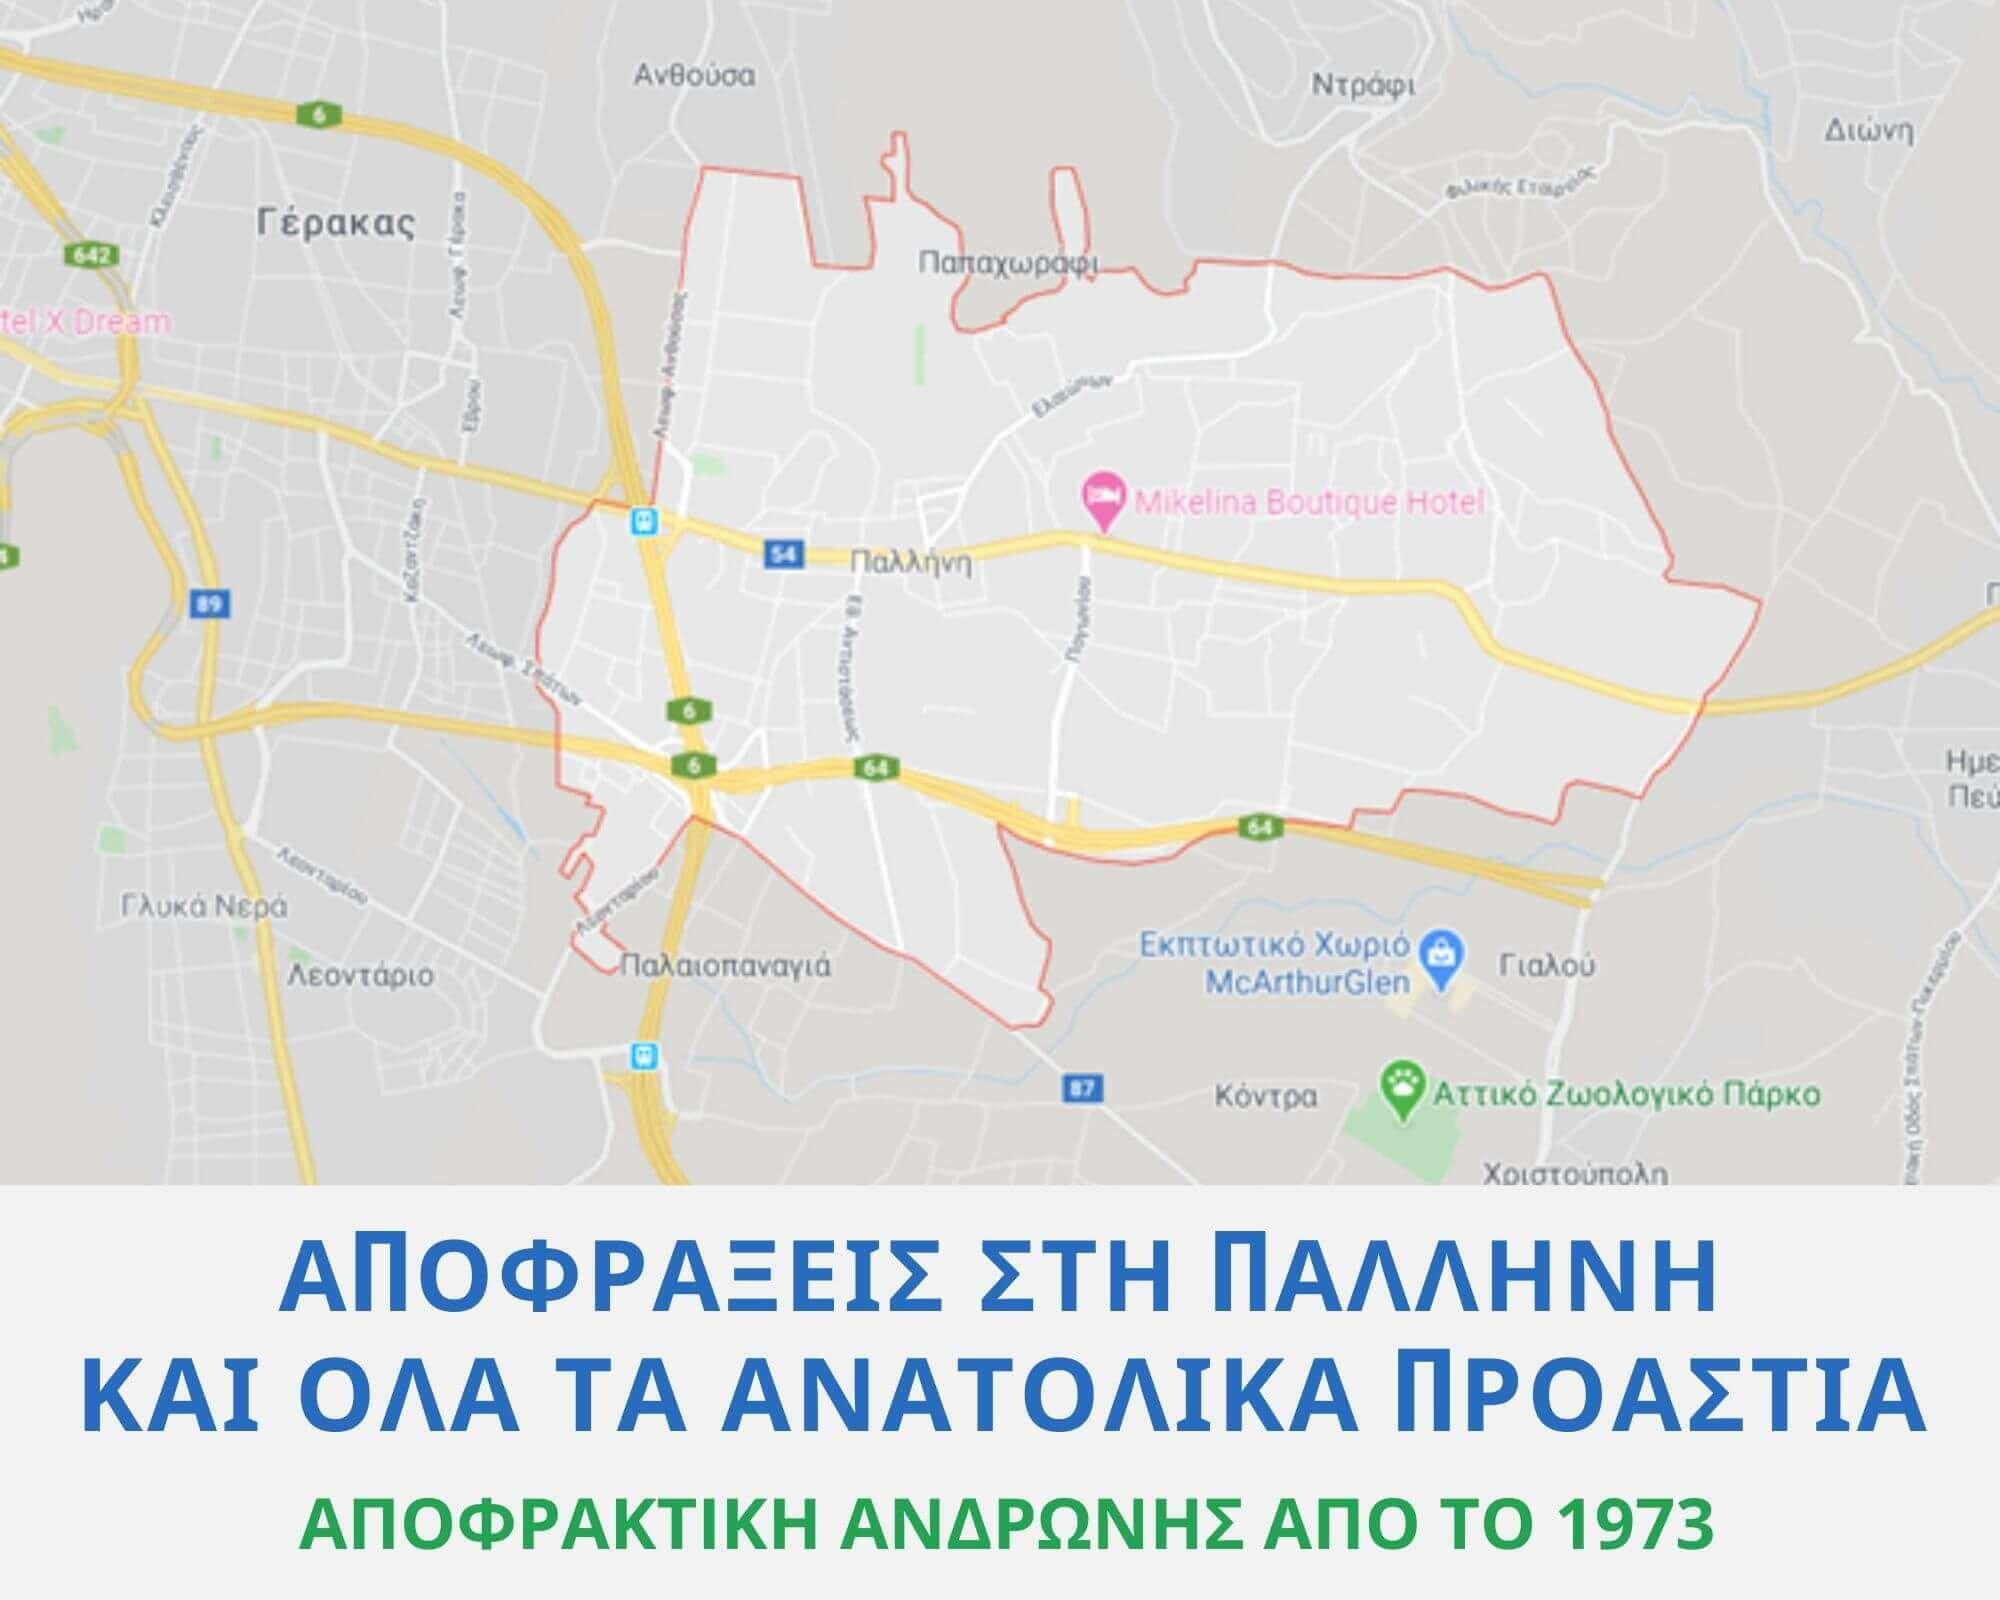 Αποφράξεις Παλλήνη - 213.02.50.818 - Αποφράξεις Αθήνα